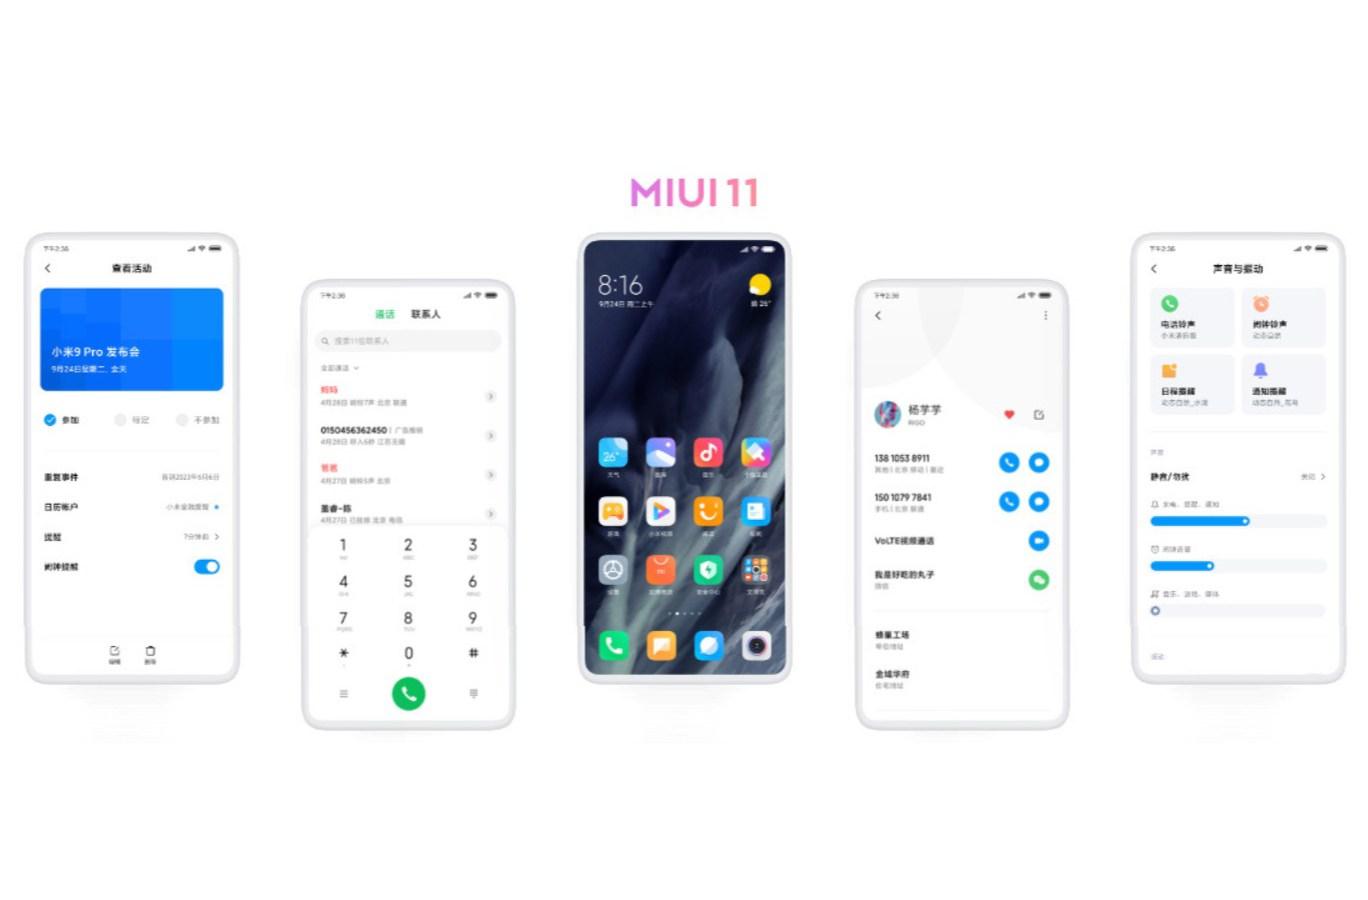 MIUI 11 für Xiaomi-Smartphones kommt nächste Woche